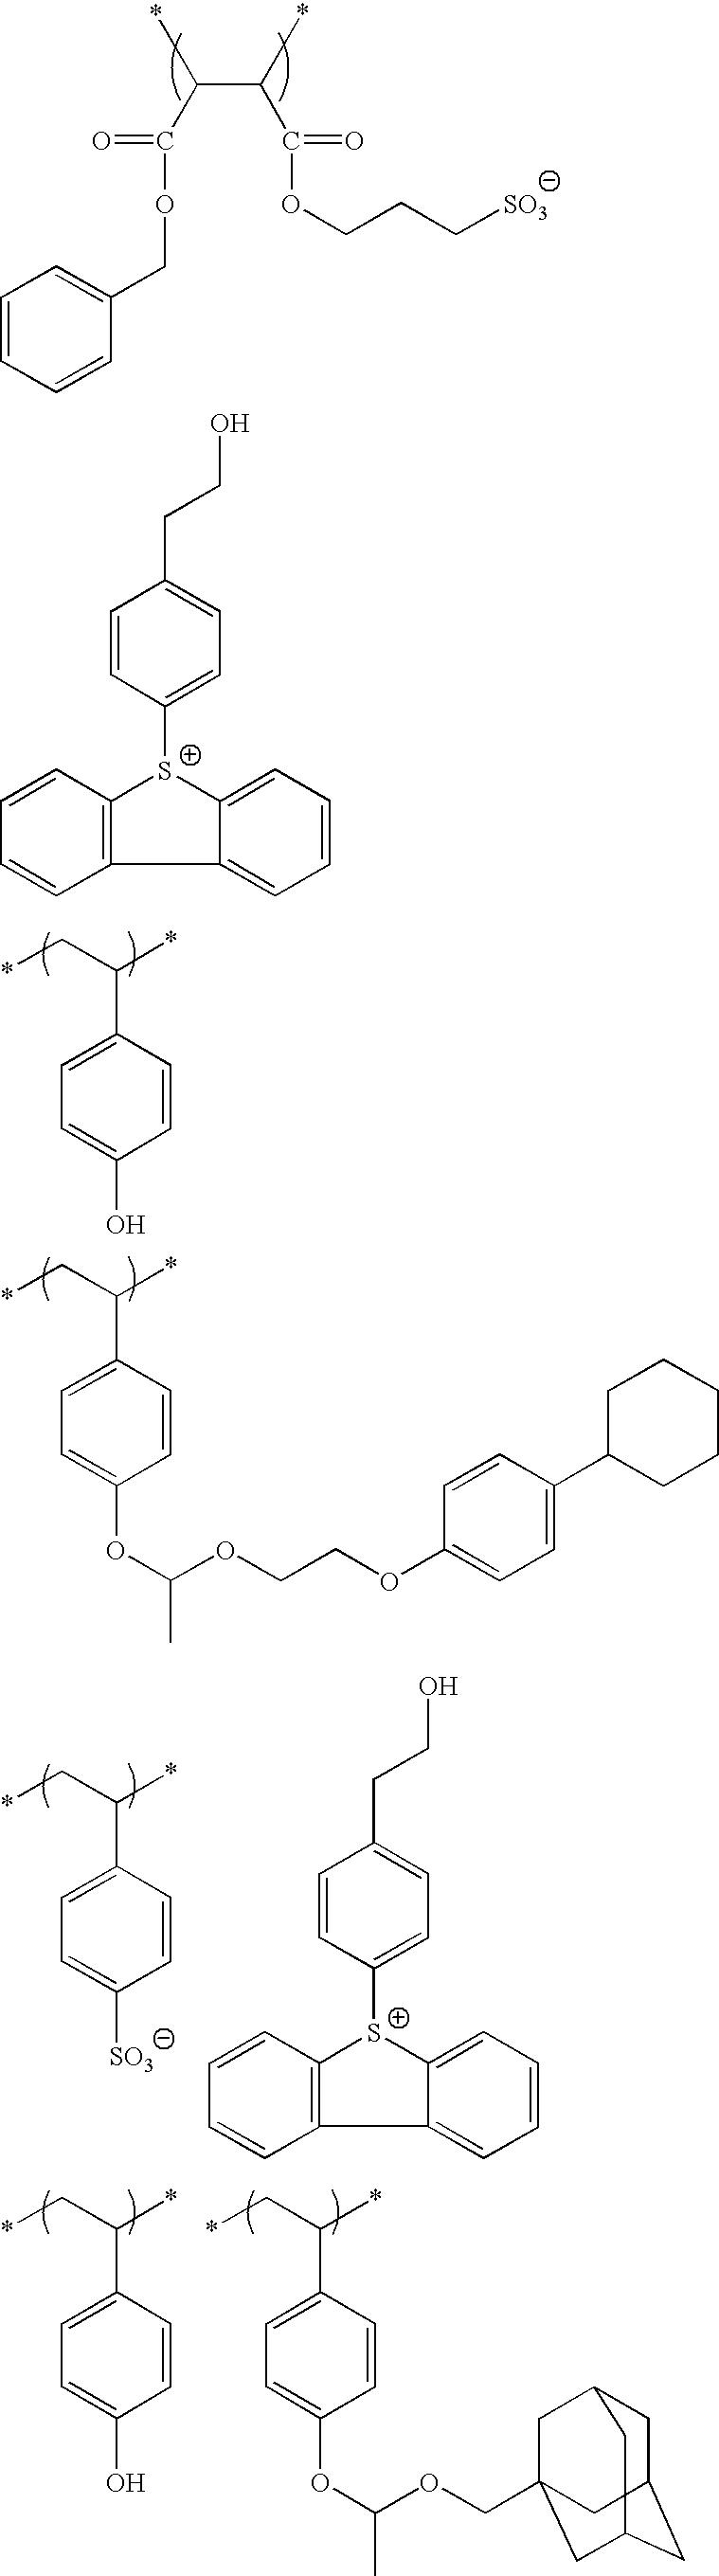 Figure US08852845-20141007-C00162